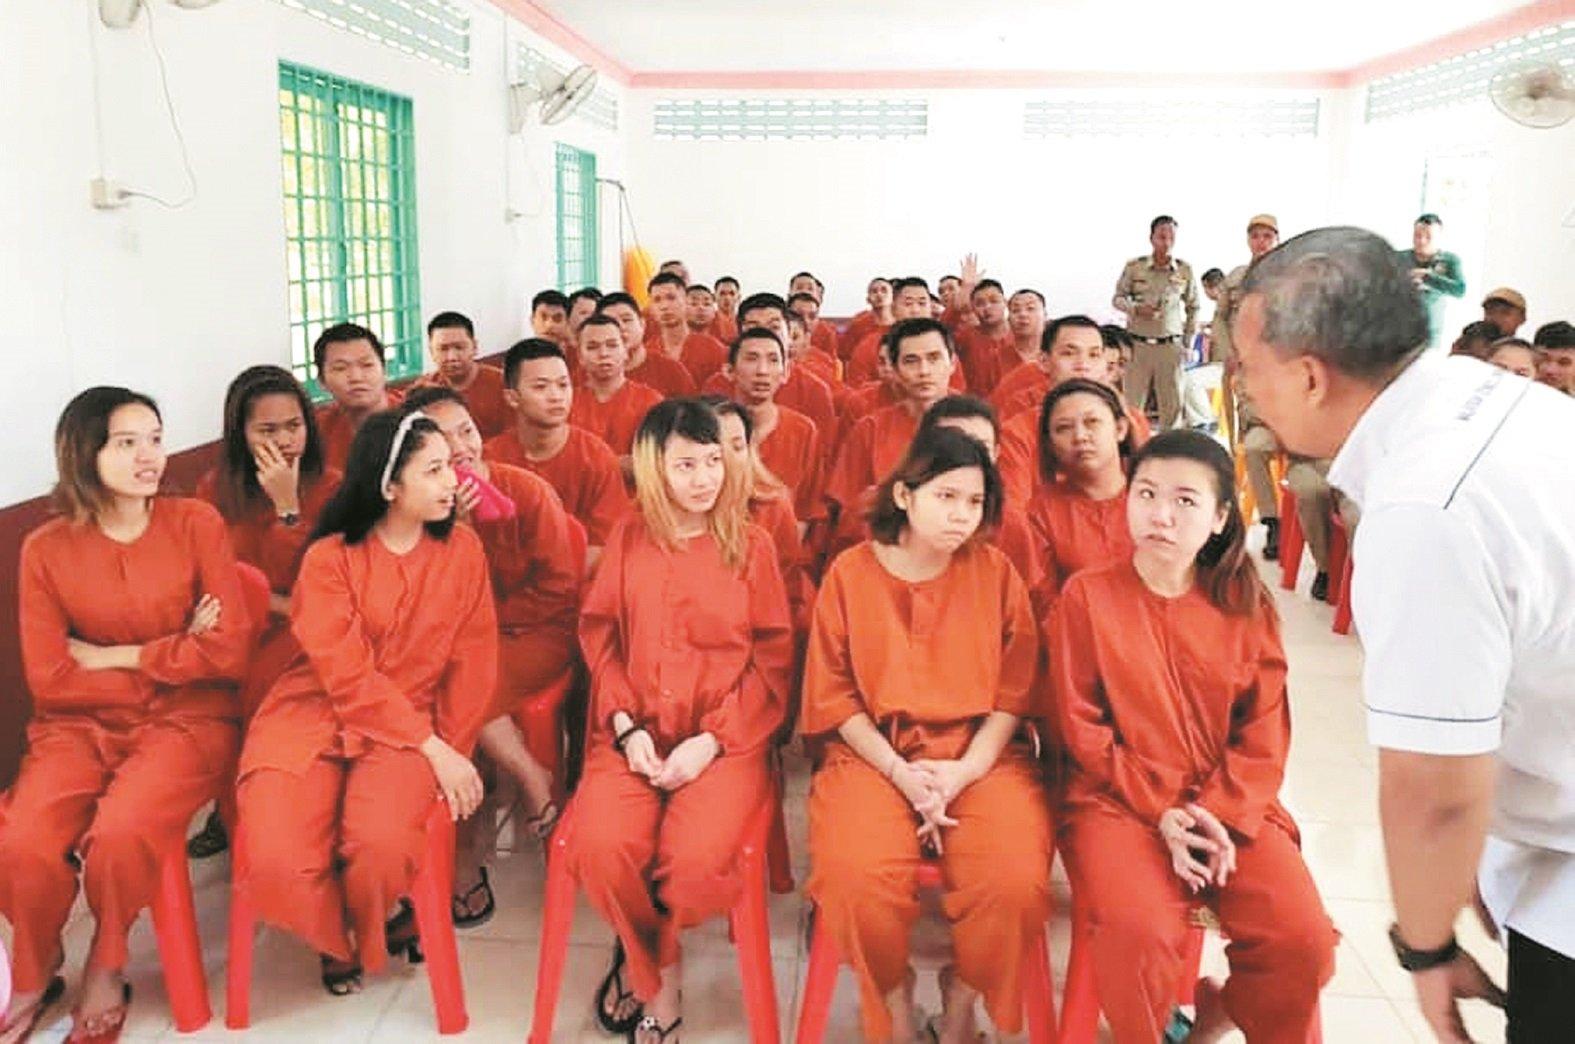 """47名大马人远赴柬埔寨""""淘金"""",结果蒙受无妄之灾入狱,经过了两个月扣 押,终于获释得以重返家园。"""